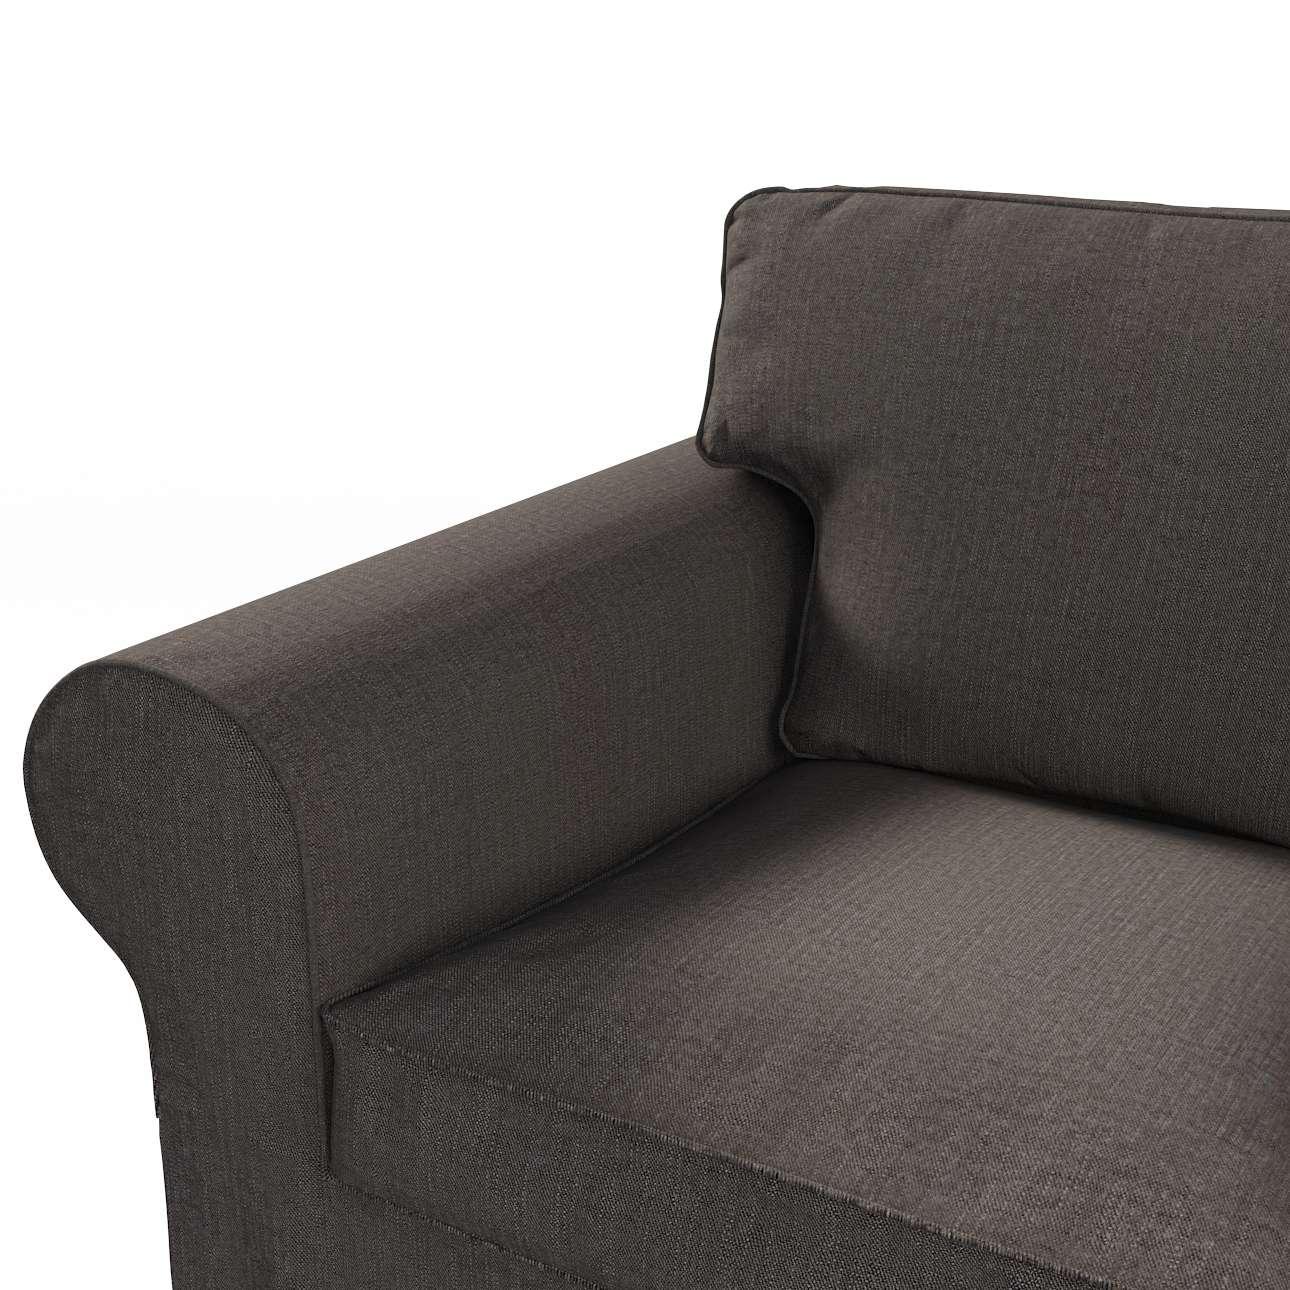 Pokrowiec na sofę Ektorp 3-osobową, rozkładaną STARY MODEL w kolekcji Vintage, tkanina: 702-36